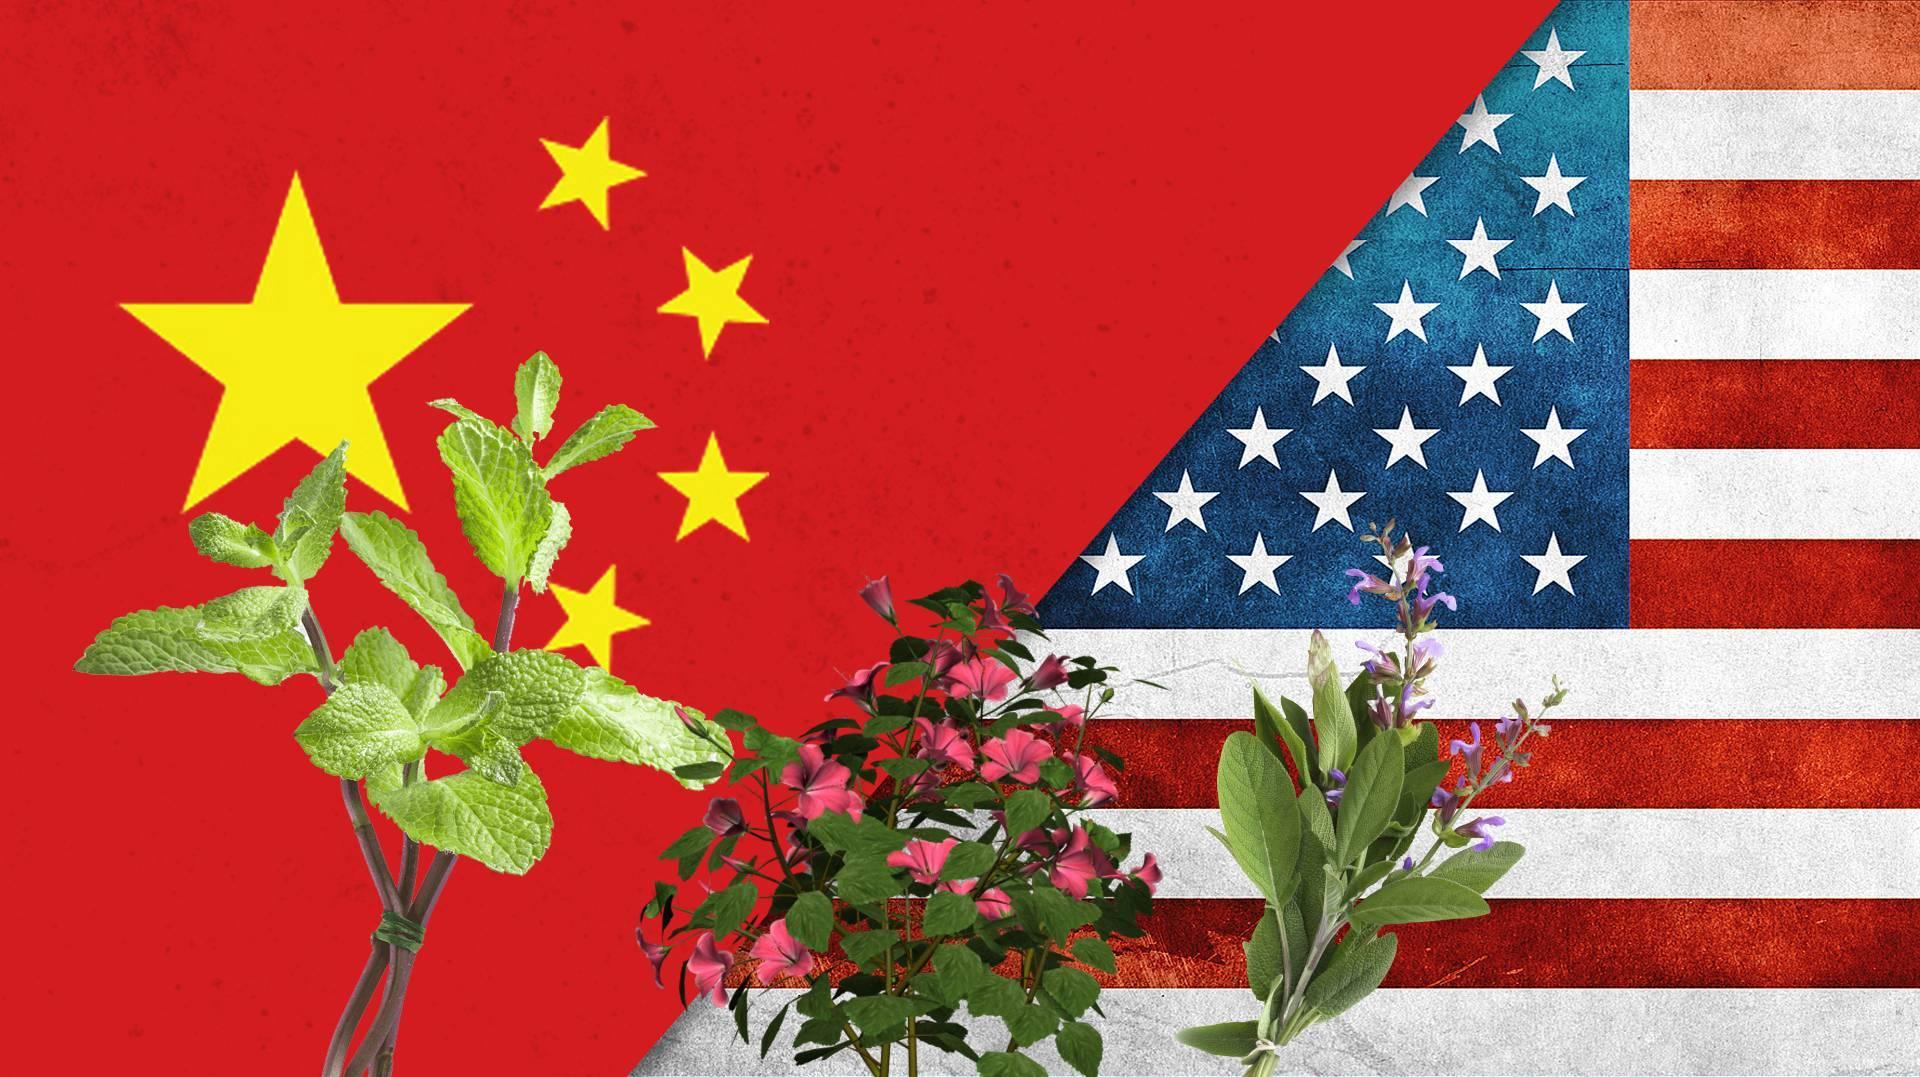 لماذا ترسل الصين الكركديه والمرامية والنعناع.. إلى المواطنين الأميركيين؟